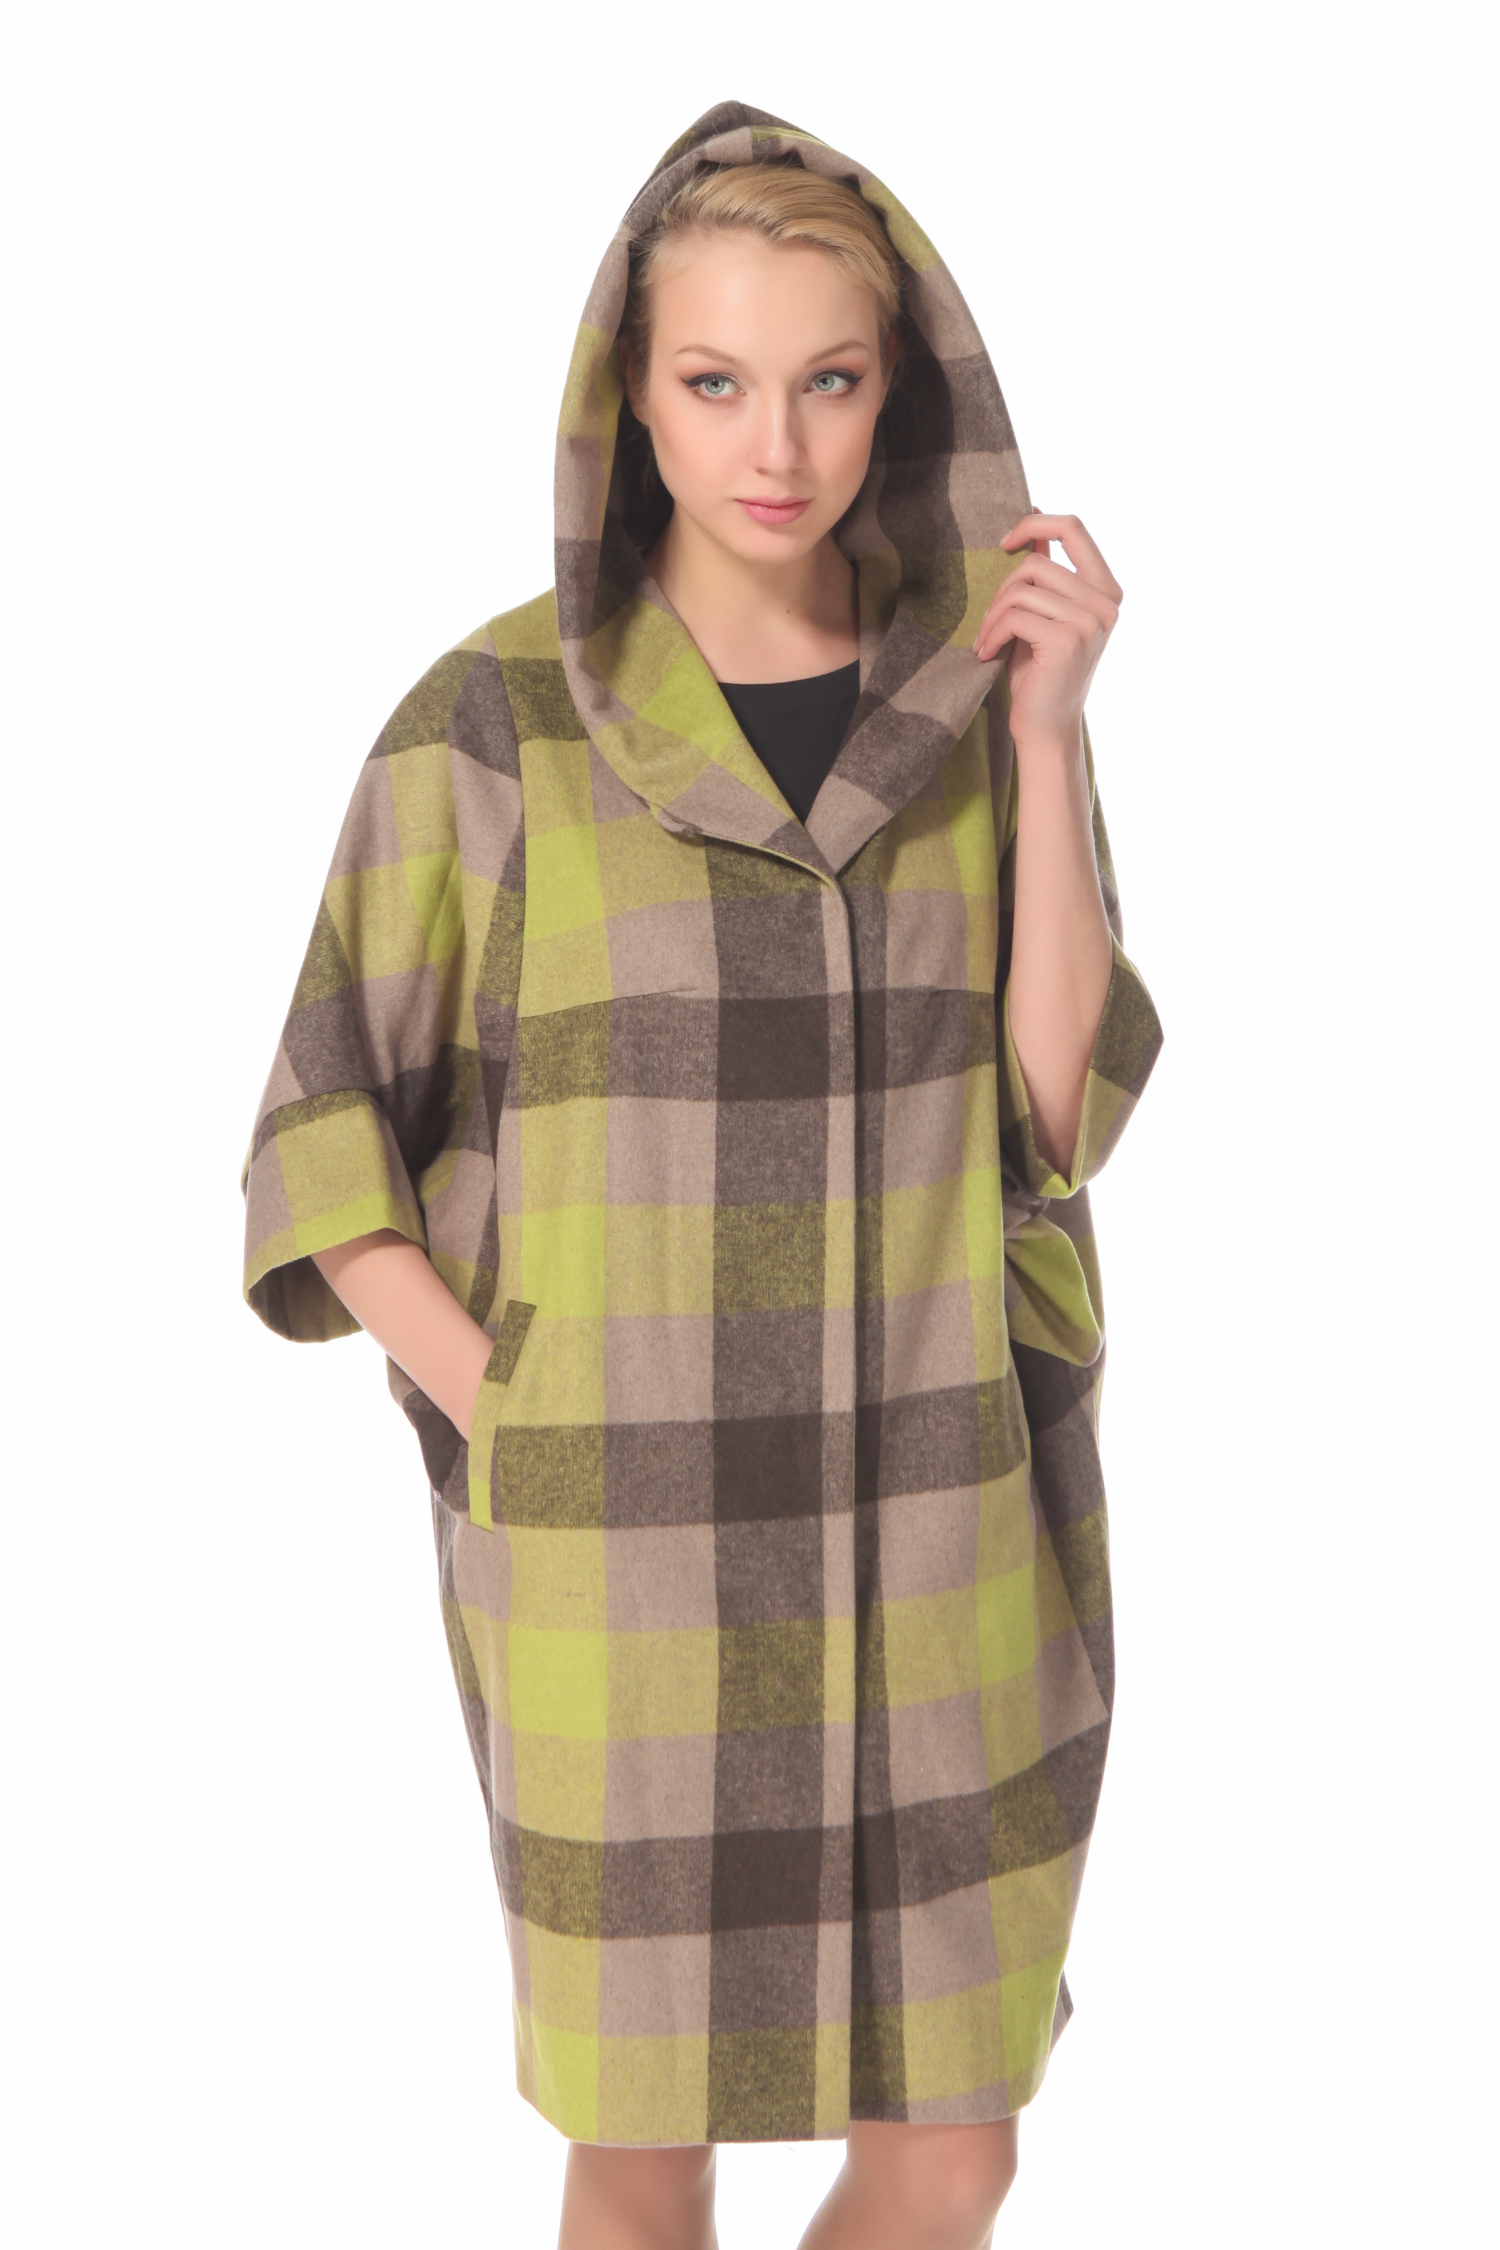 Женское пальто с капюшоном, без отделки<br><br>Воротник: Капюшон<br>Длина см: 95<br>Материал: 50% хлопок 50% шерсть<br>Цвет: Зеленый<br>Пол: Женский